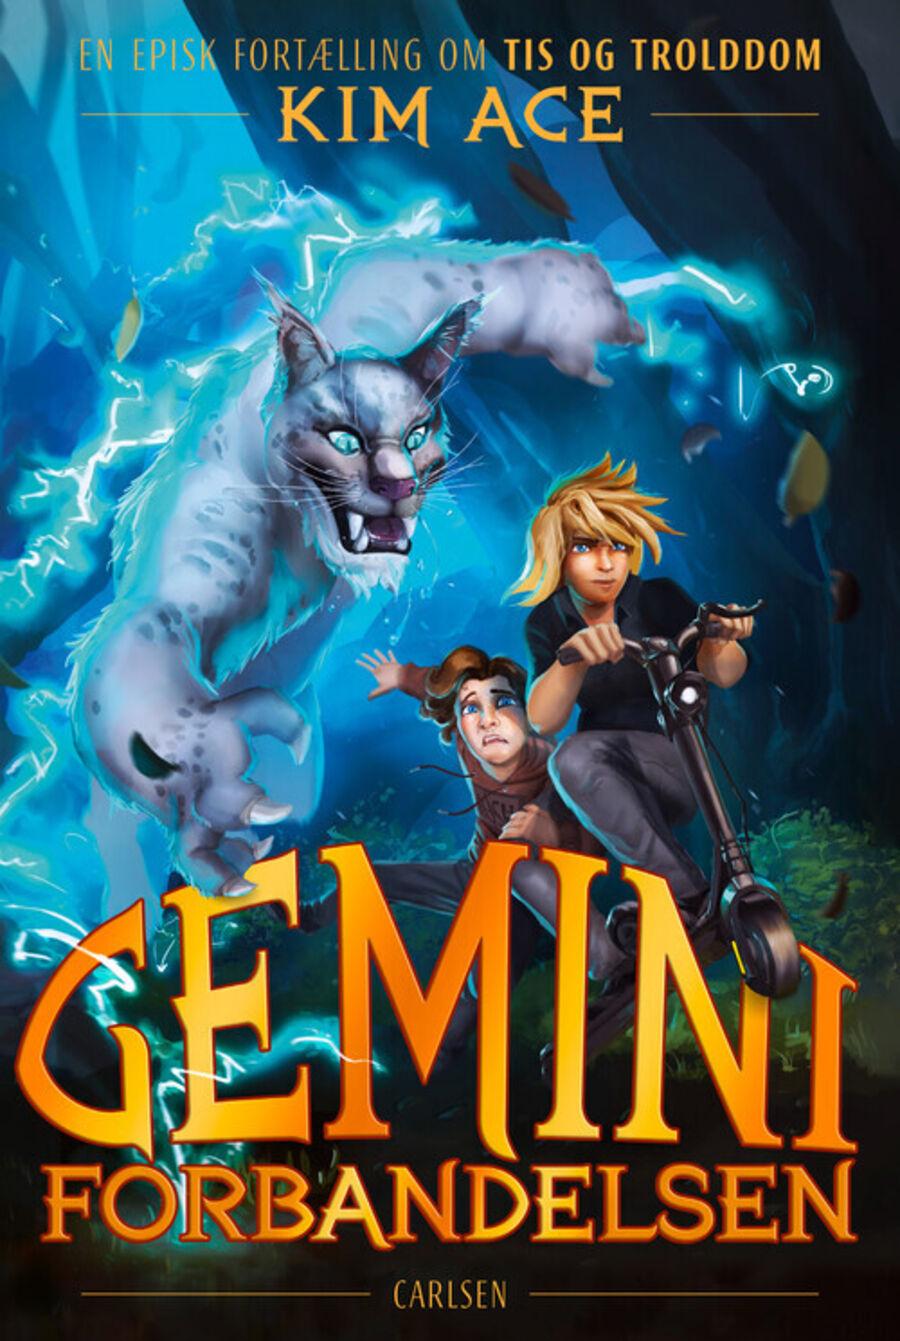 Geminiforbandelsen: en episk fortælling om tis og trolddom